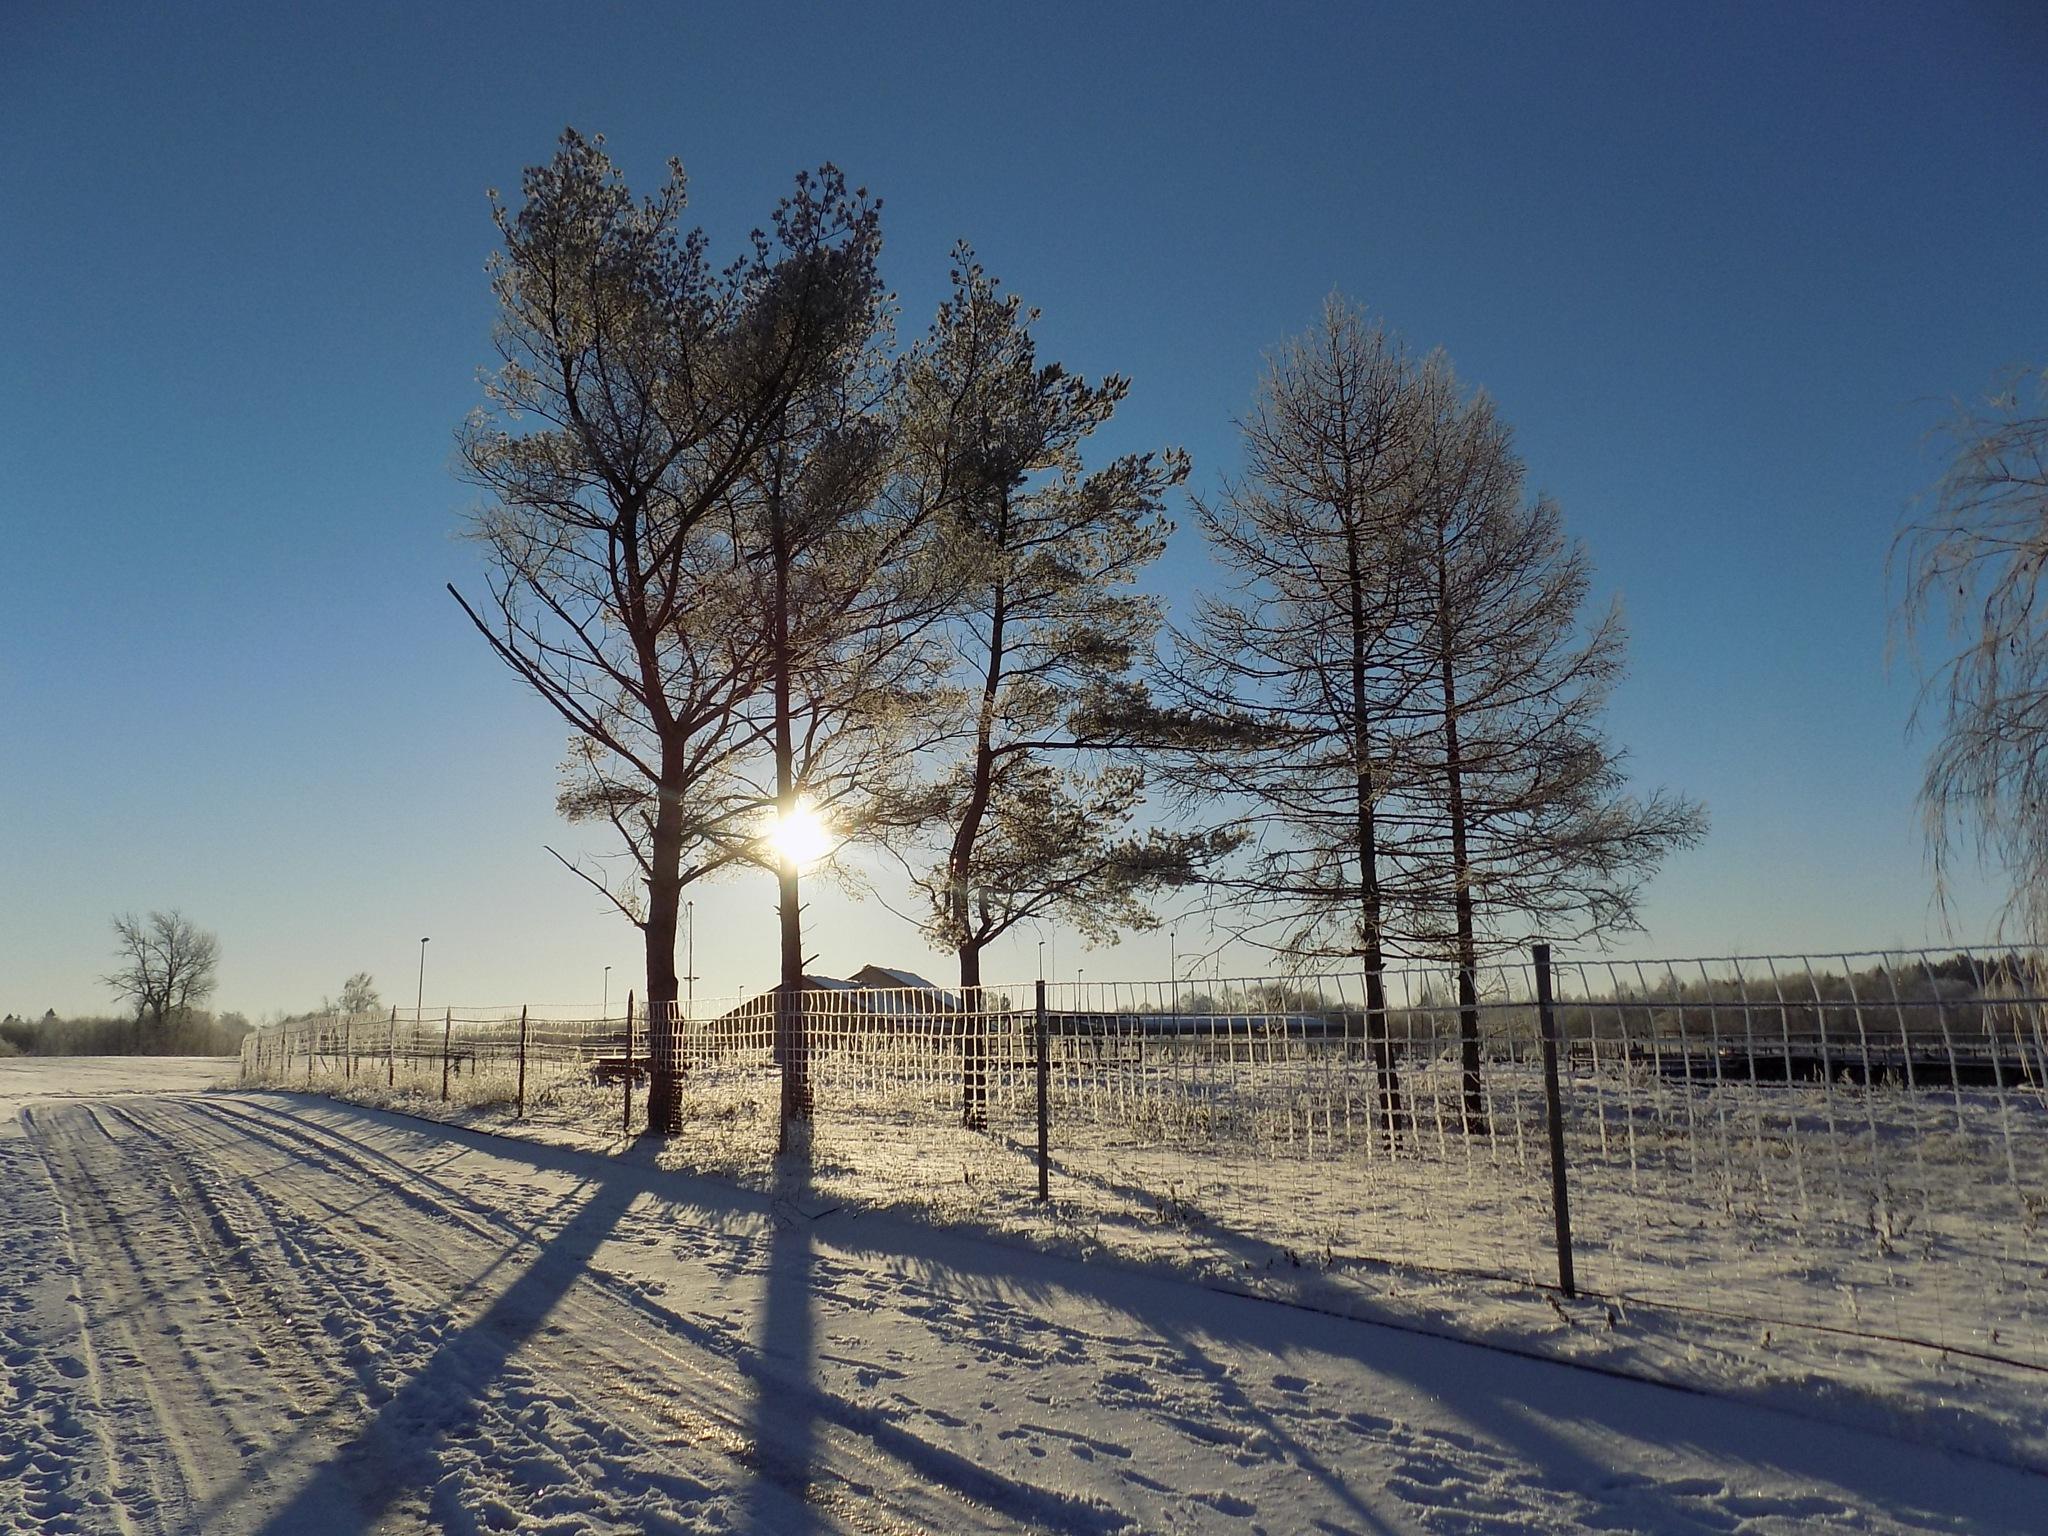 Winter evening by uzkuraitiene62